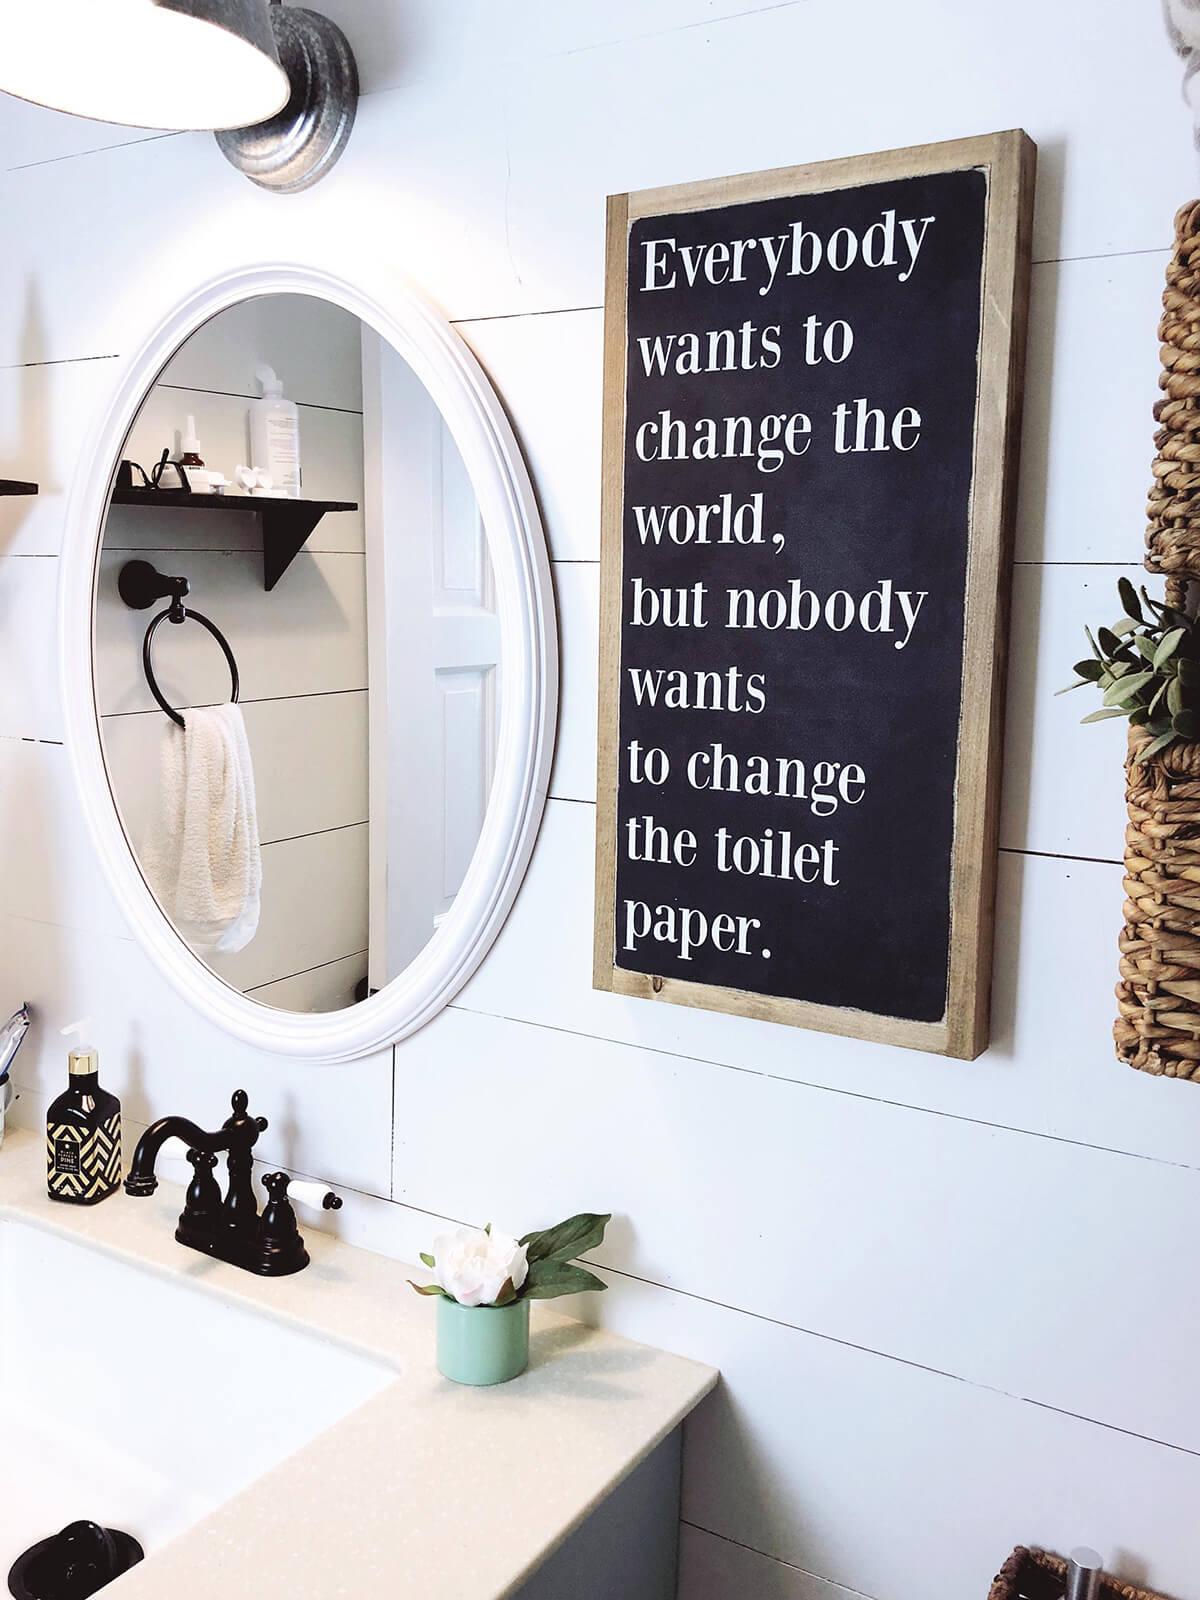 Changer le signe des toilettes en papier toilette